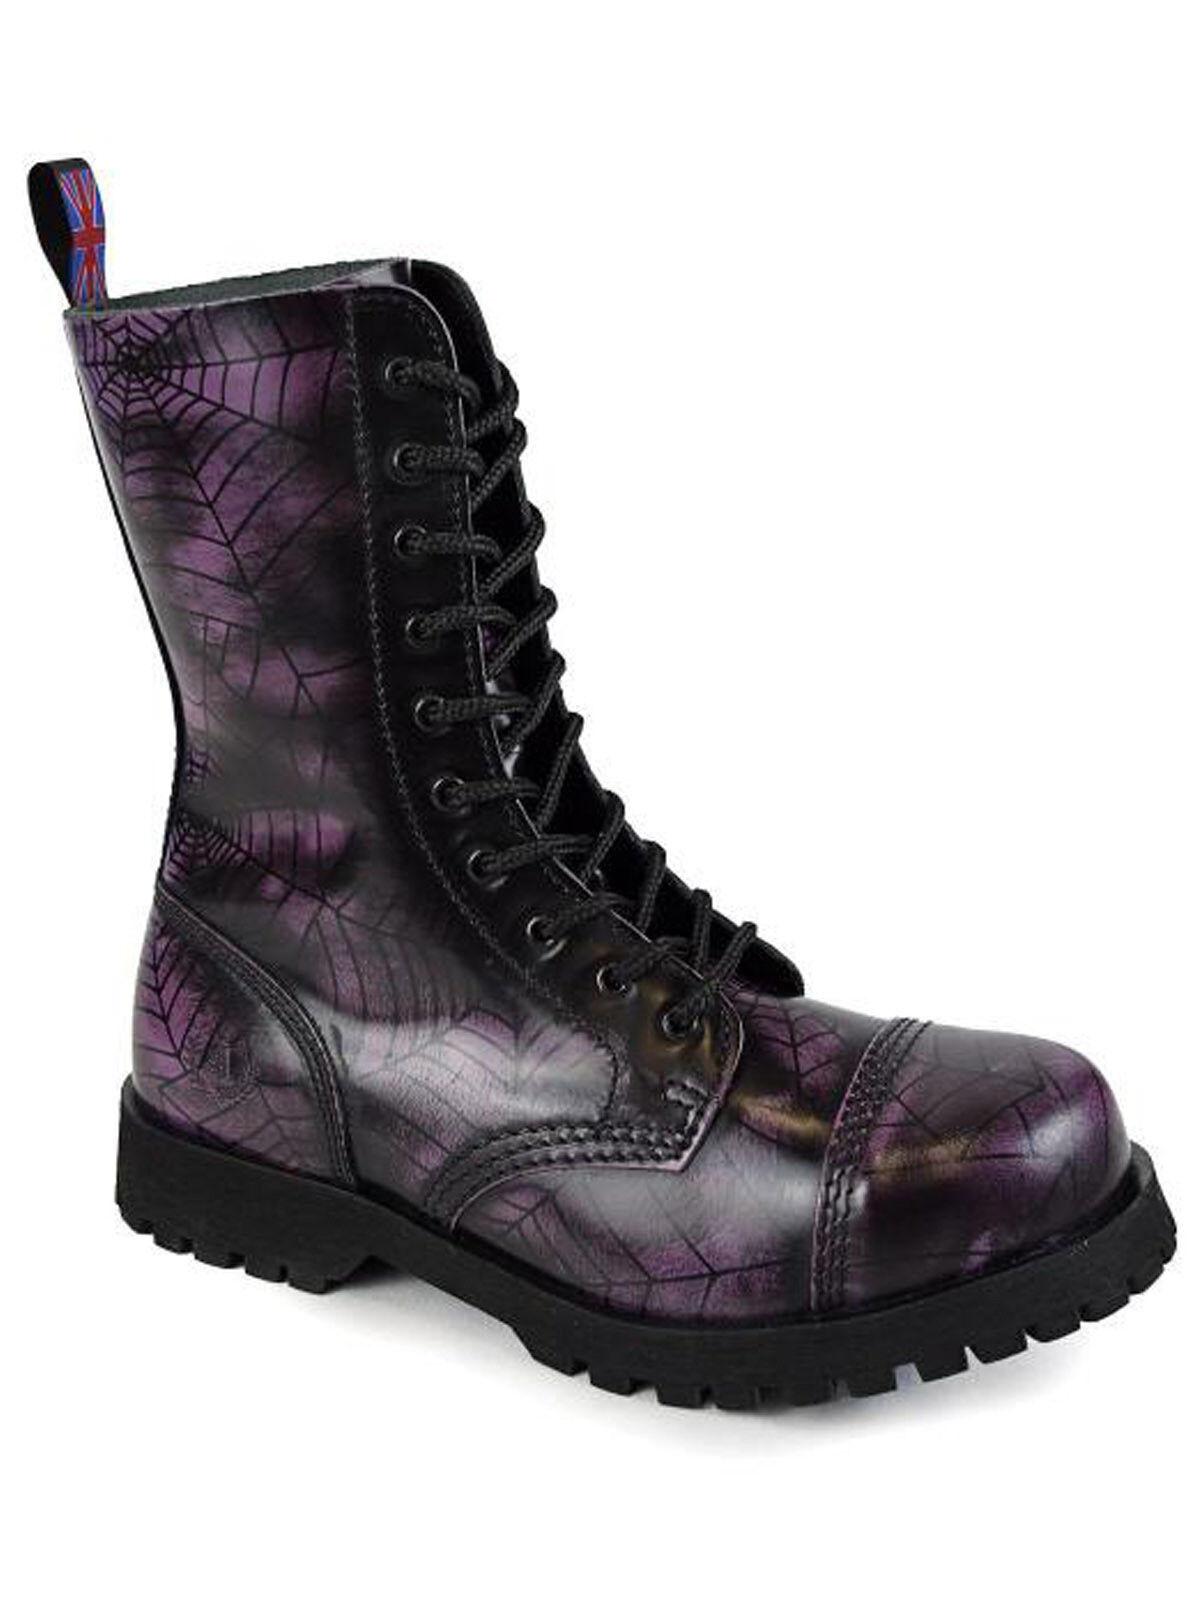 Alpha Boot/Rangers RANGER Springer Stivali 10 fori Boot/Rangers Alpha Stivali Spider viola #5012 159b1d